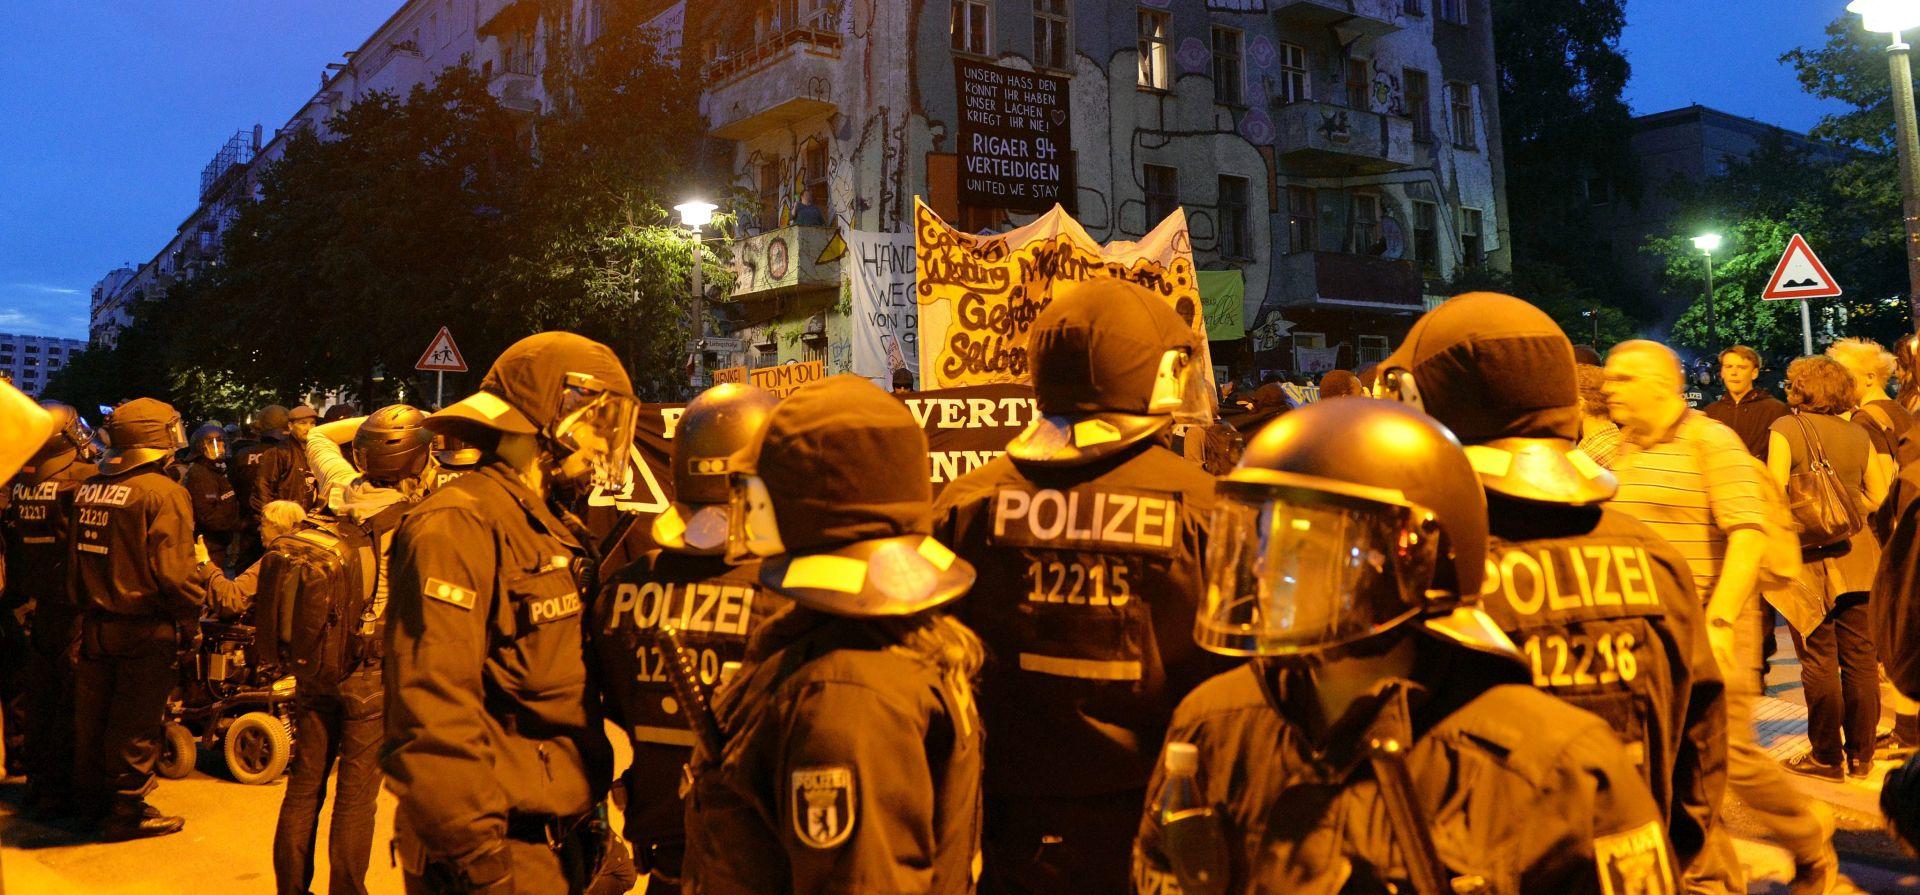 ISPITIVANJE POKAZALO: Većina Nijemaca boji se terorističkih napada i političkih radikala